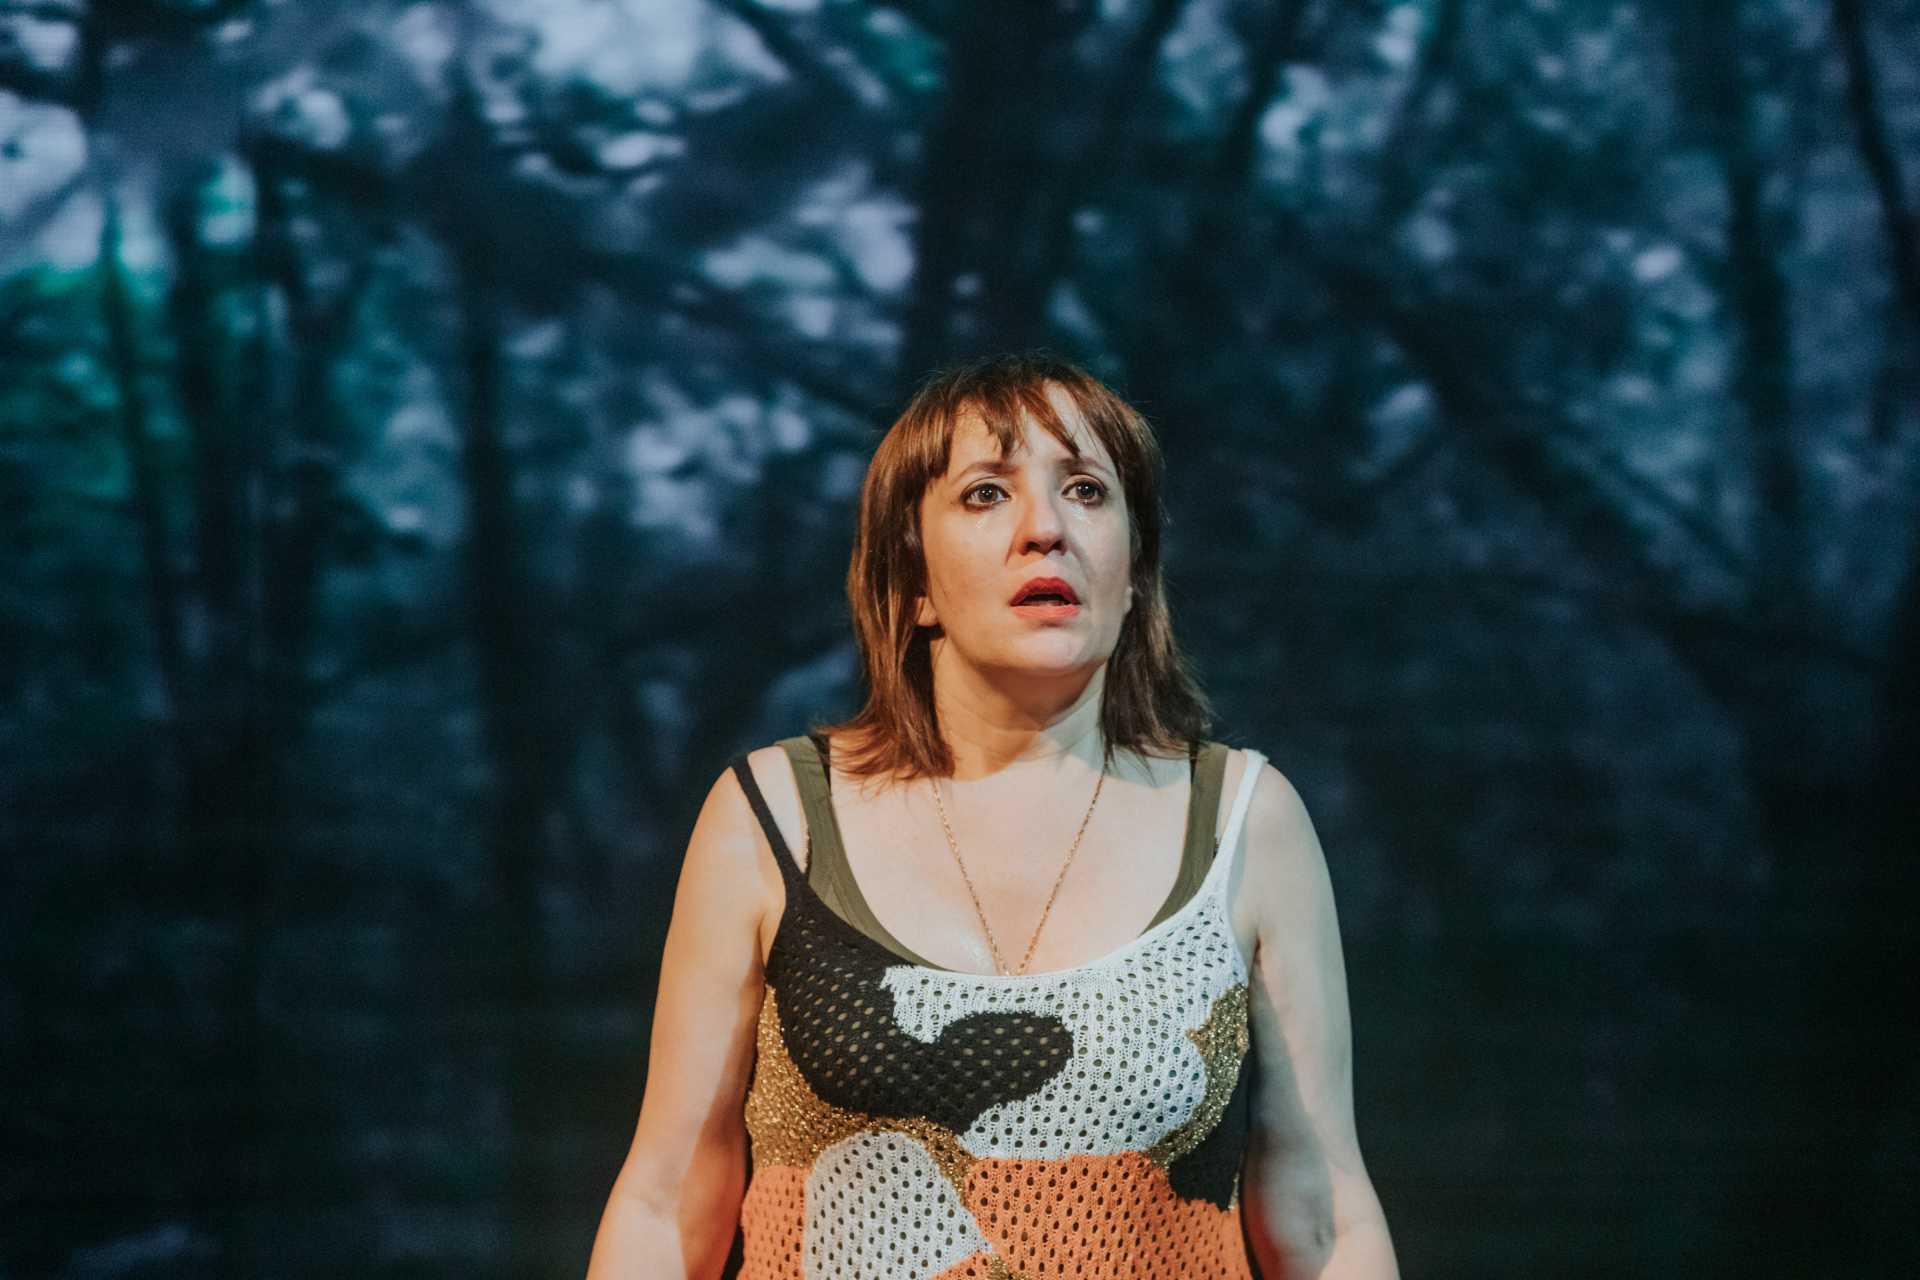 Àurea Márquez a 'La dona del tercer segona', dirigida per Ivan Benet. Foto: Sílvia Poch